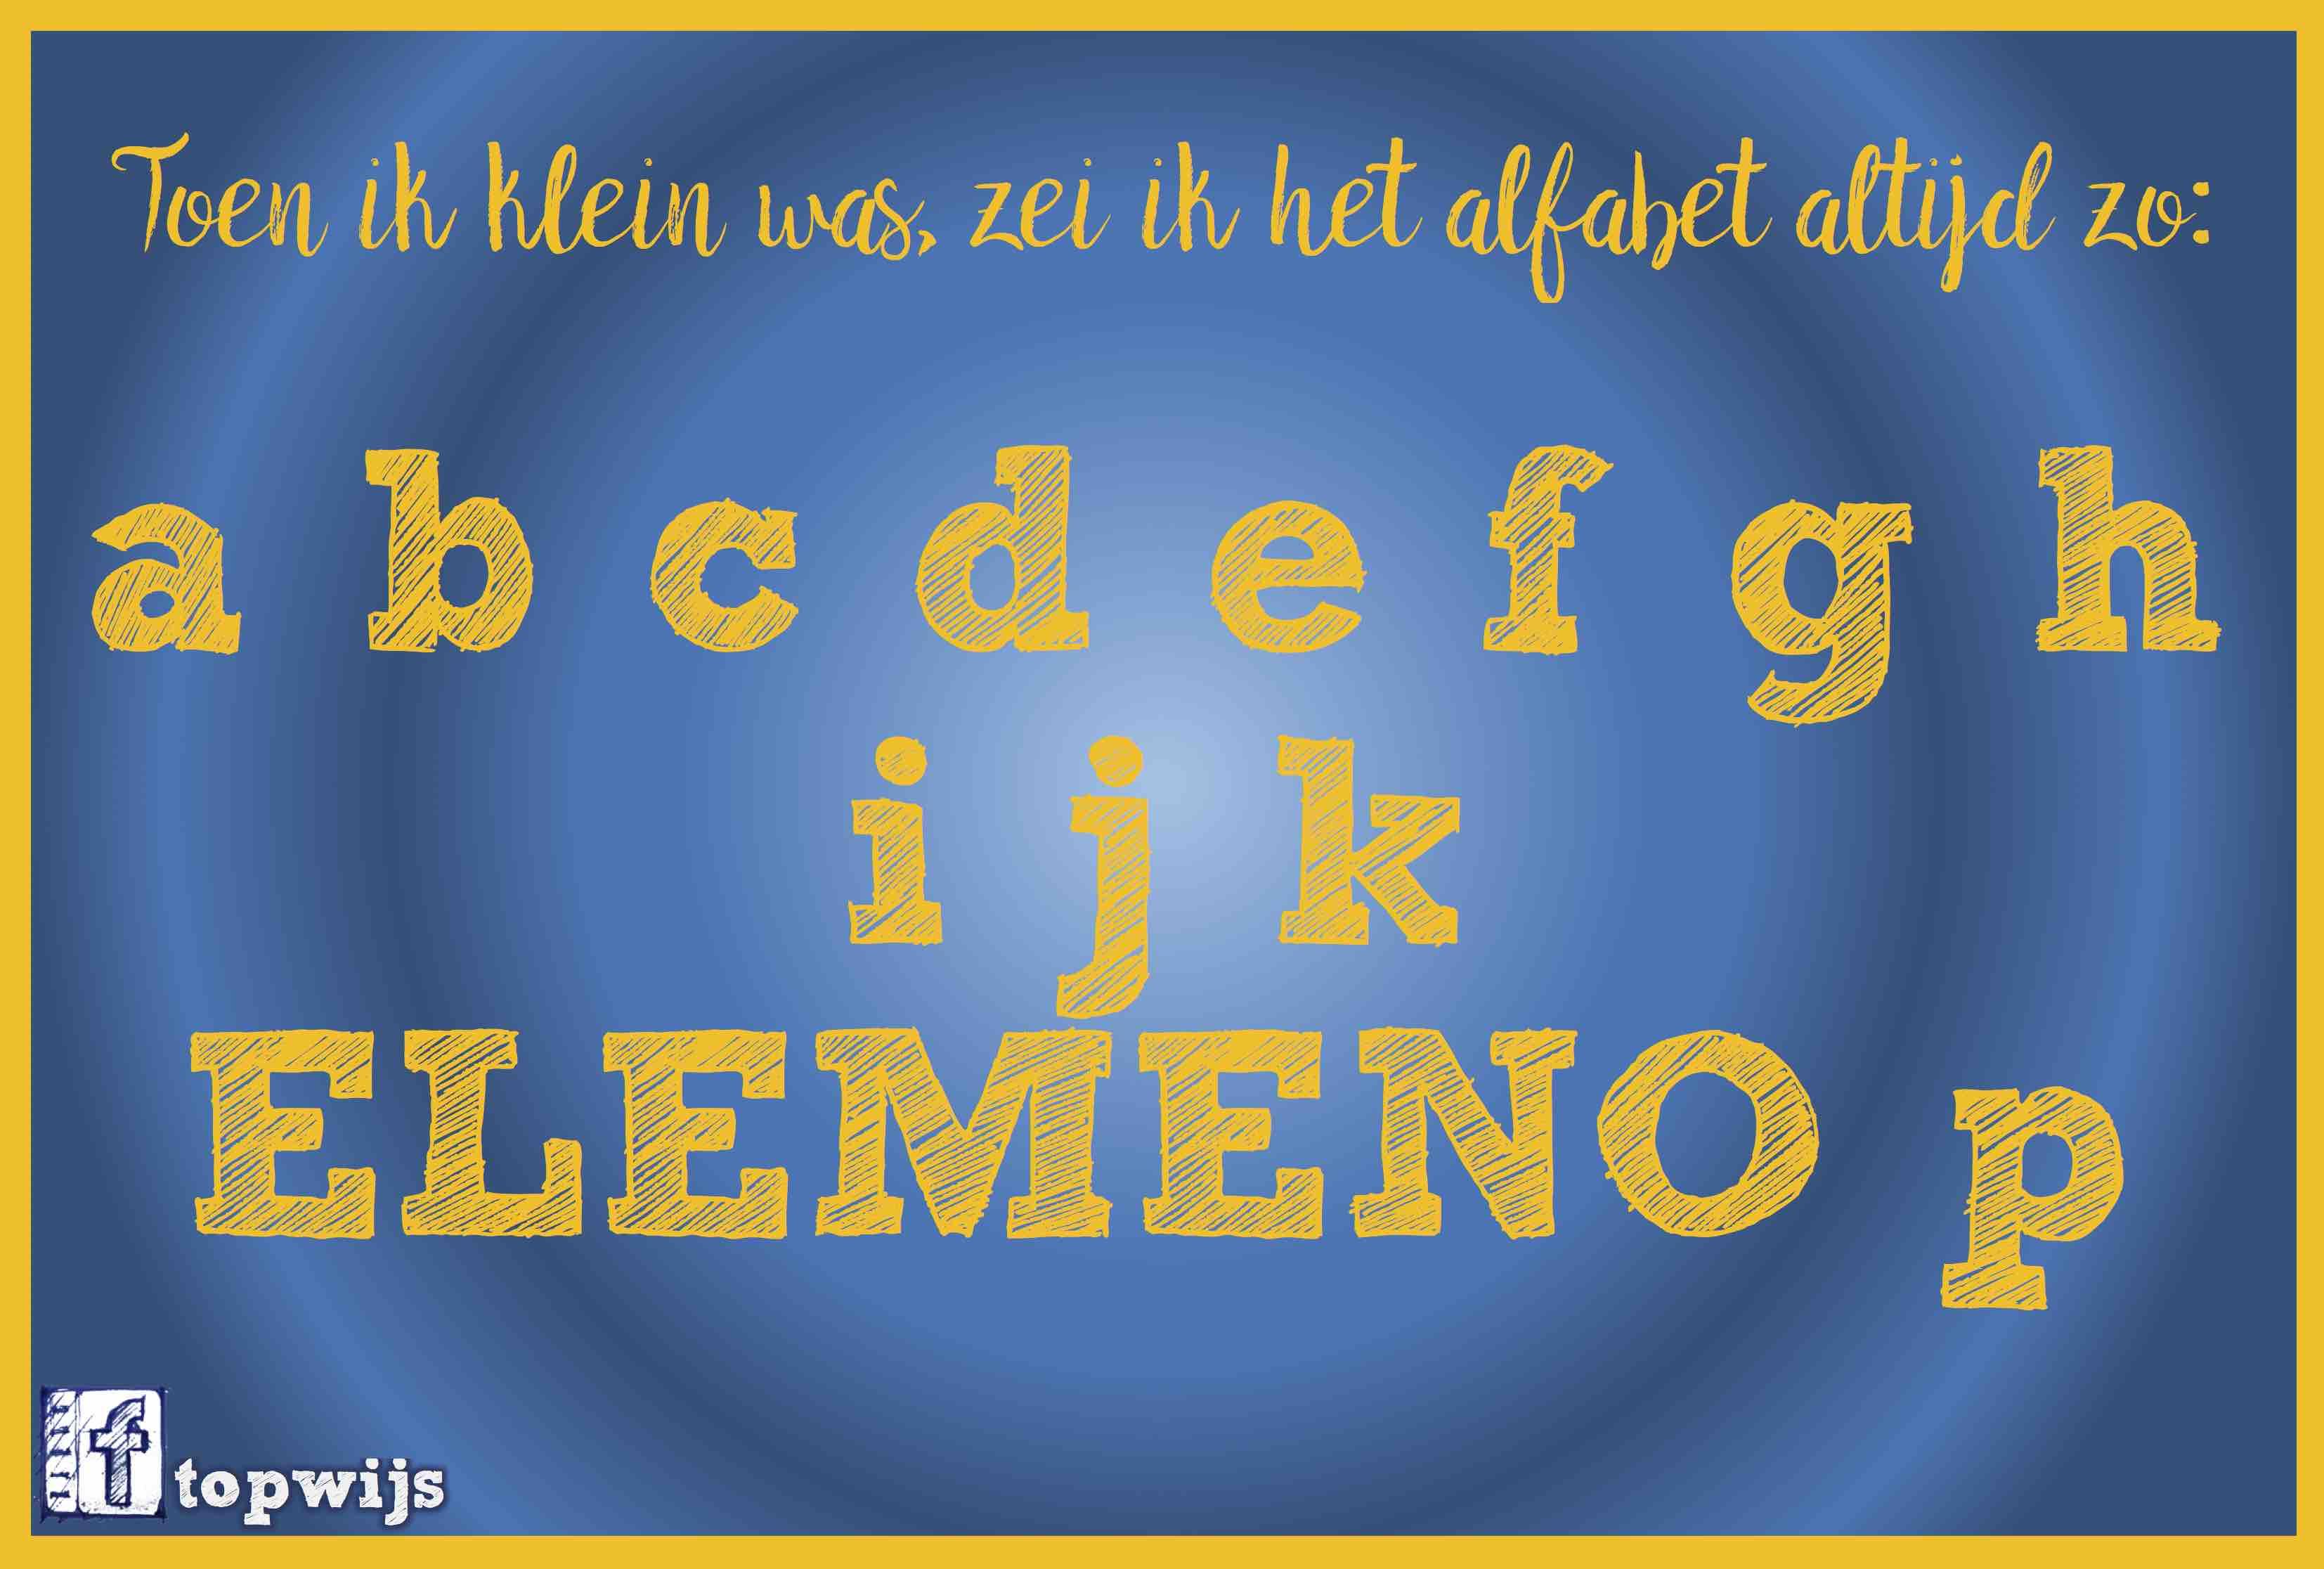 Toen ik klein was, zei ik het alfabet altijd zo:a, b, c, d, e, f, g, h, i, j, k, ELEMENO, p